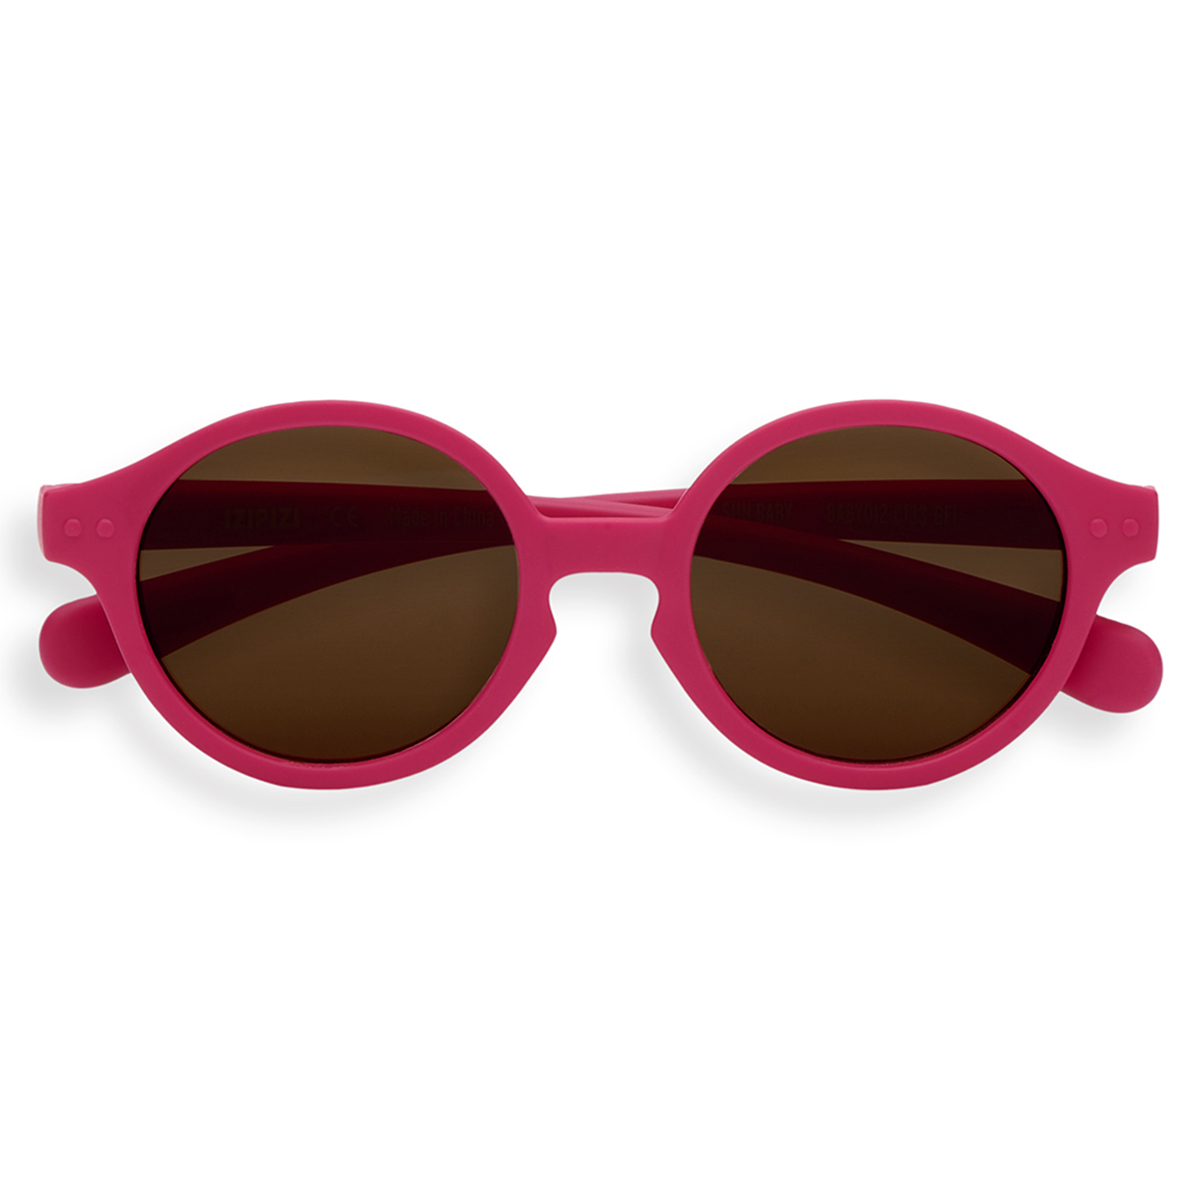 Accessoires bébé Lunettes de Soleil Sun Baby 0/12 Mois - Candy Pink